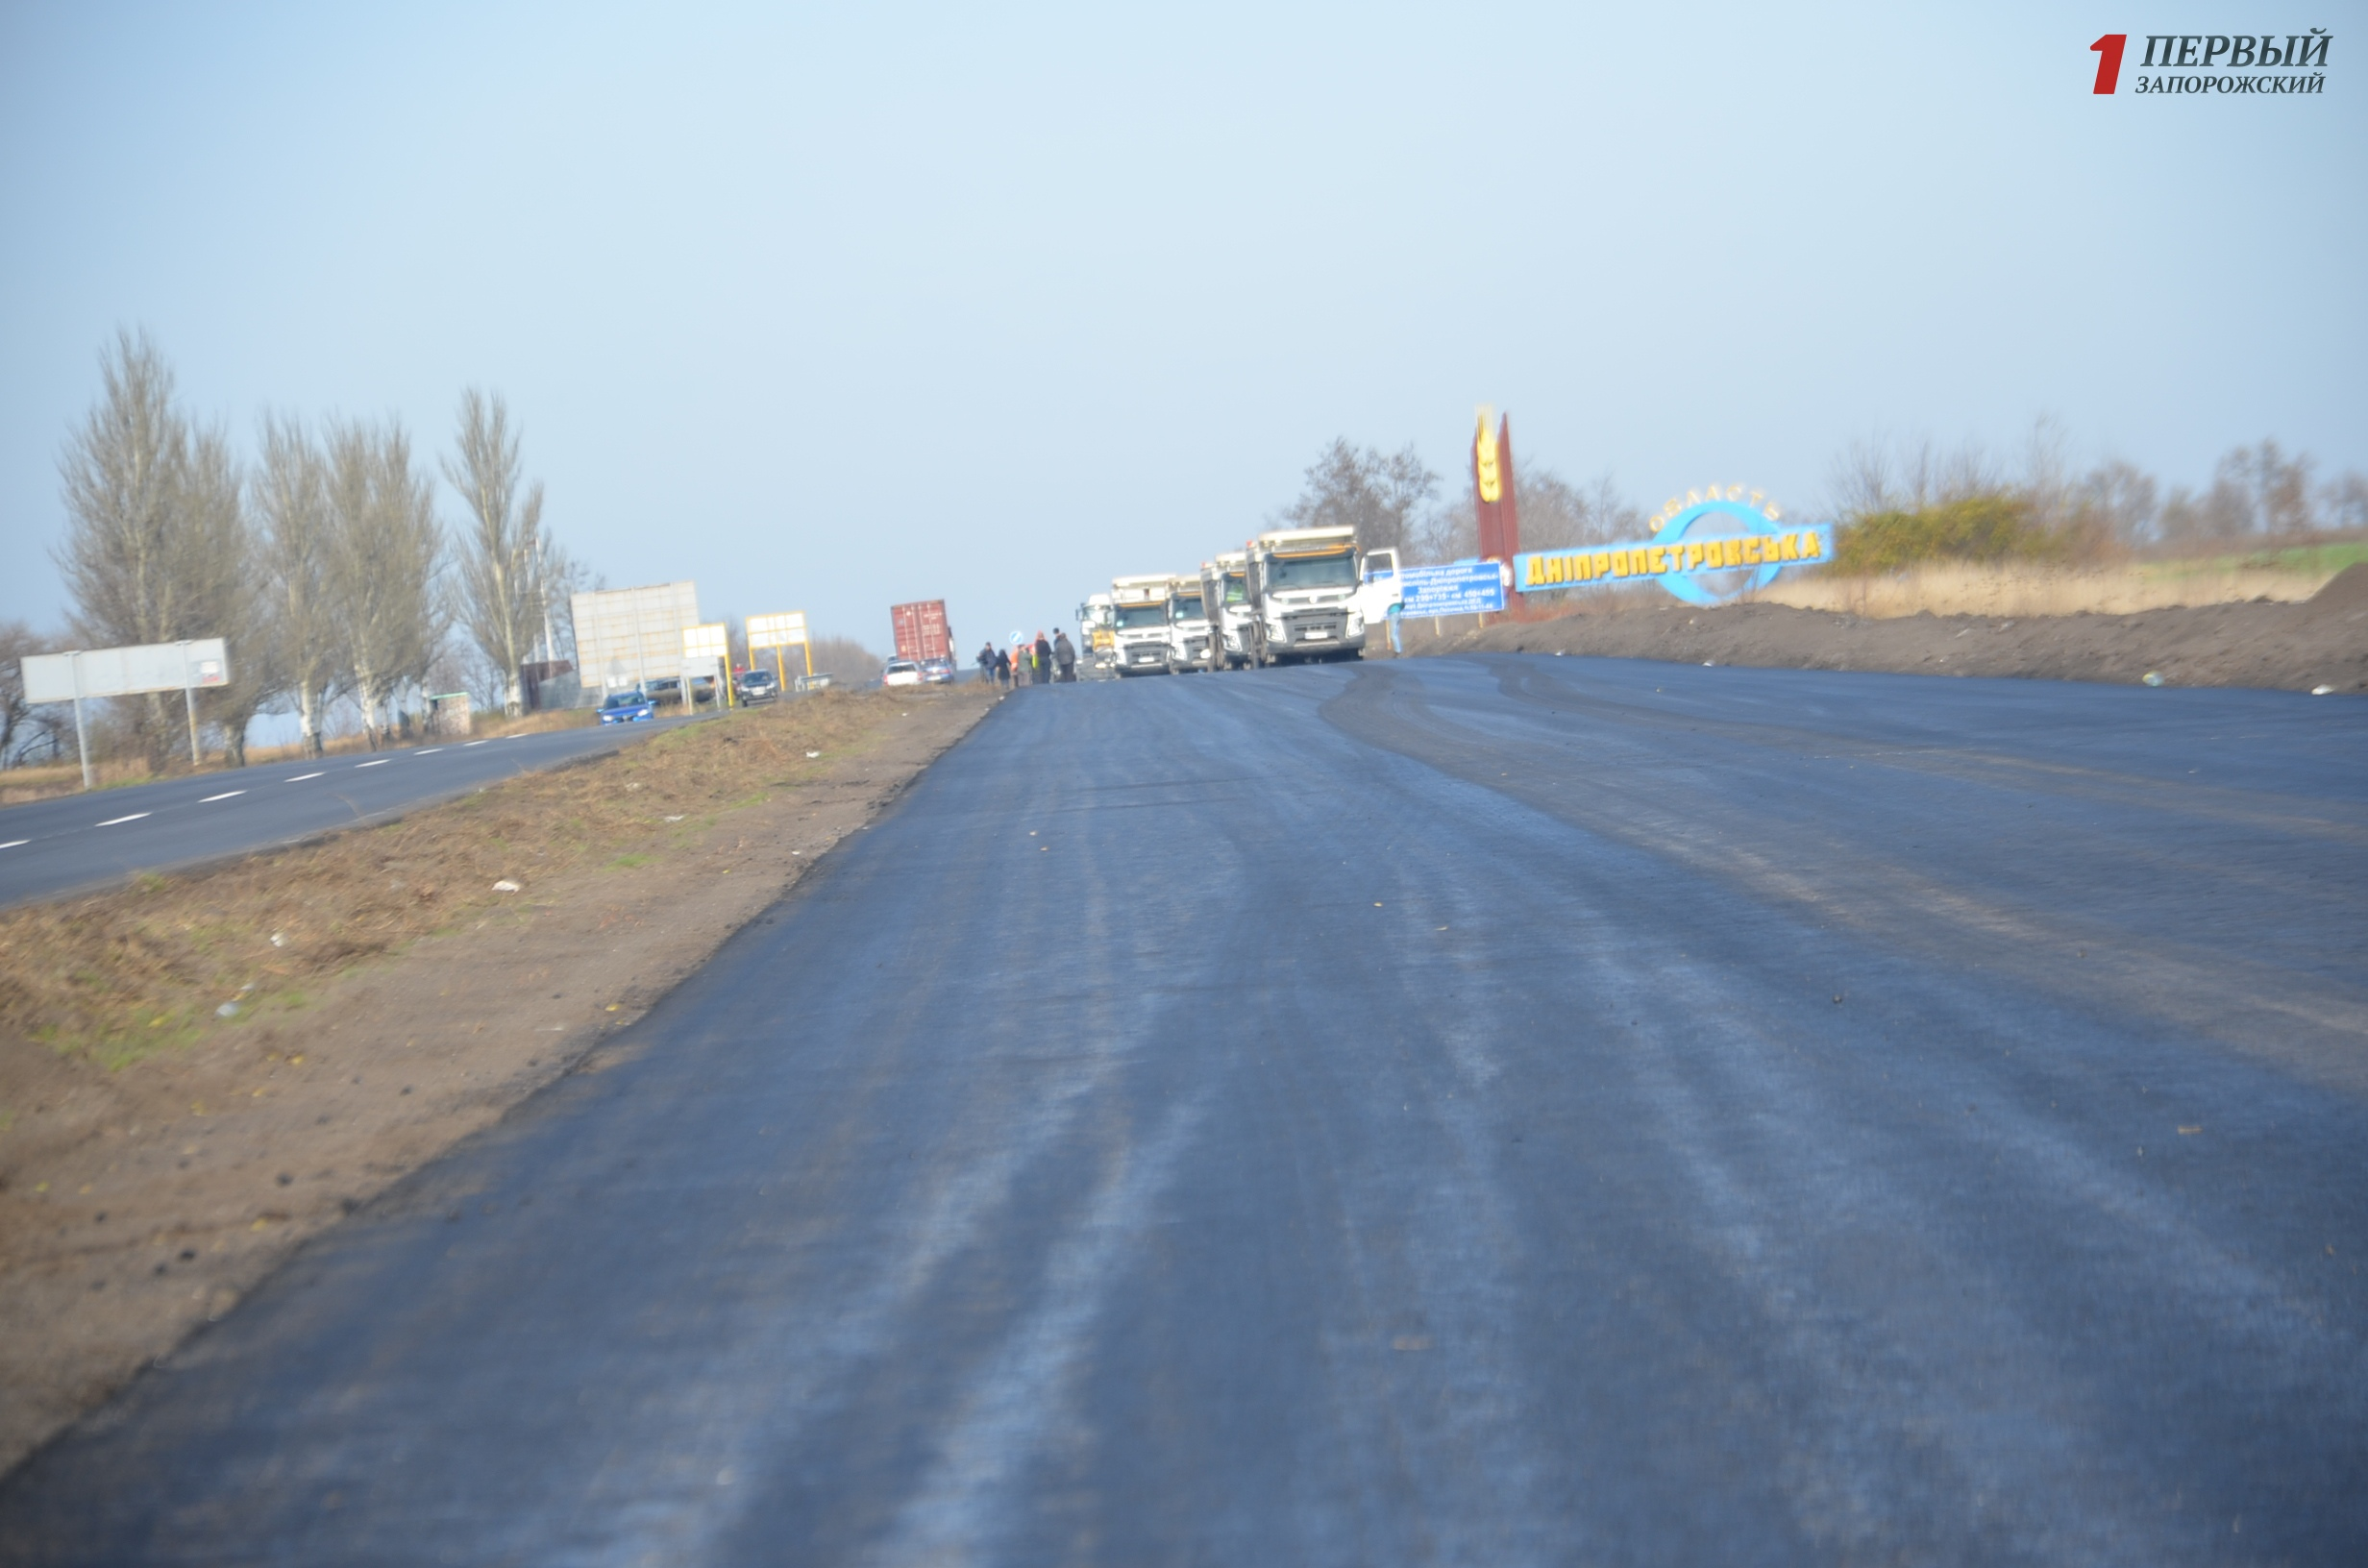 И днем и ночью: как дорожники из Турции в Запорожском регионе новые дороги делают – ФОТО, ВИДЕО